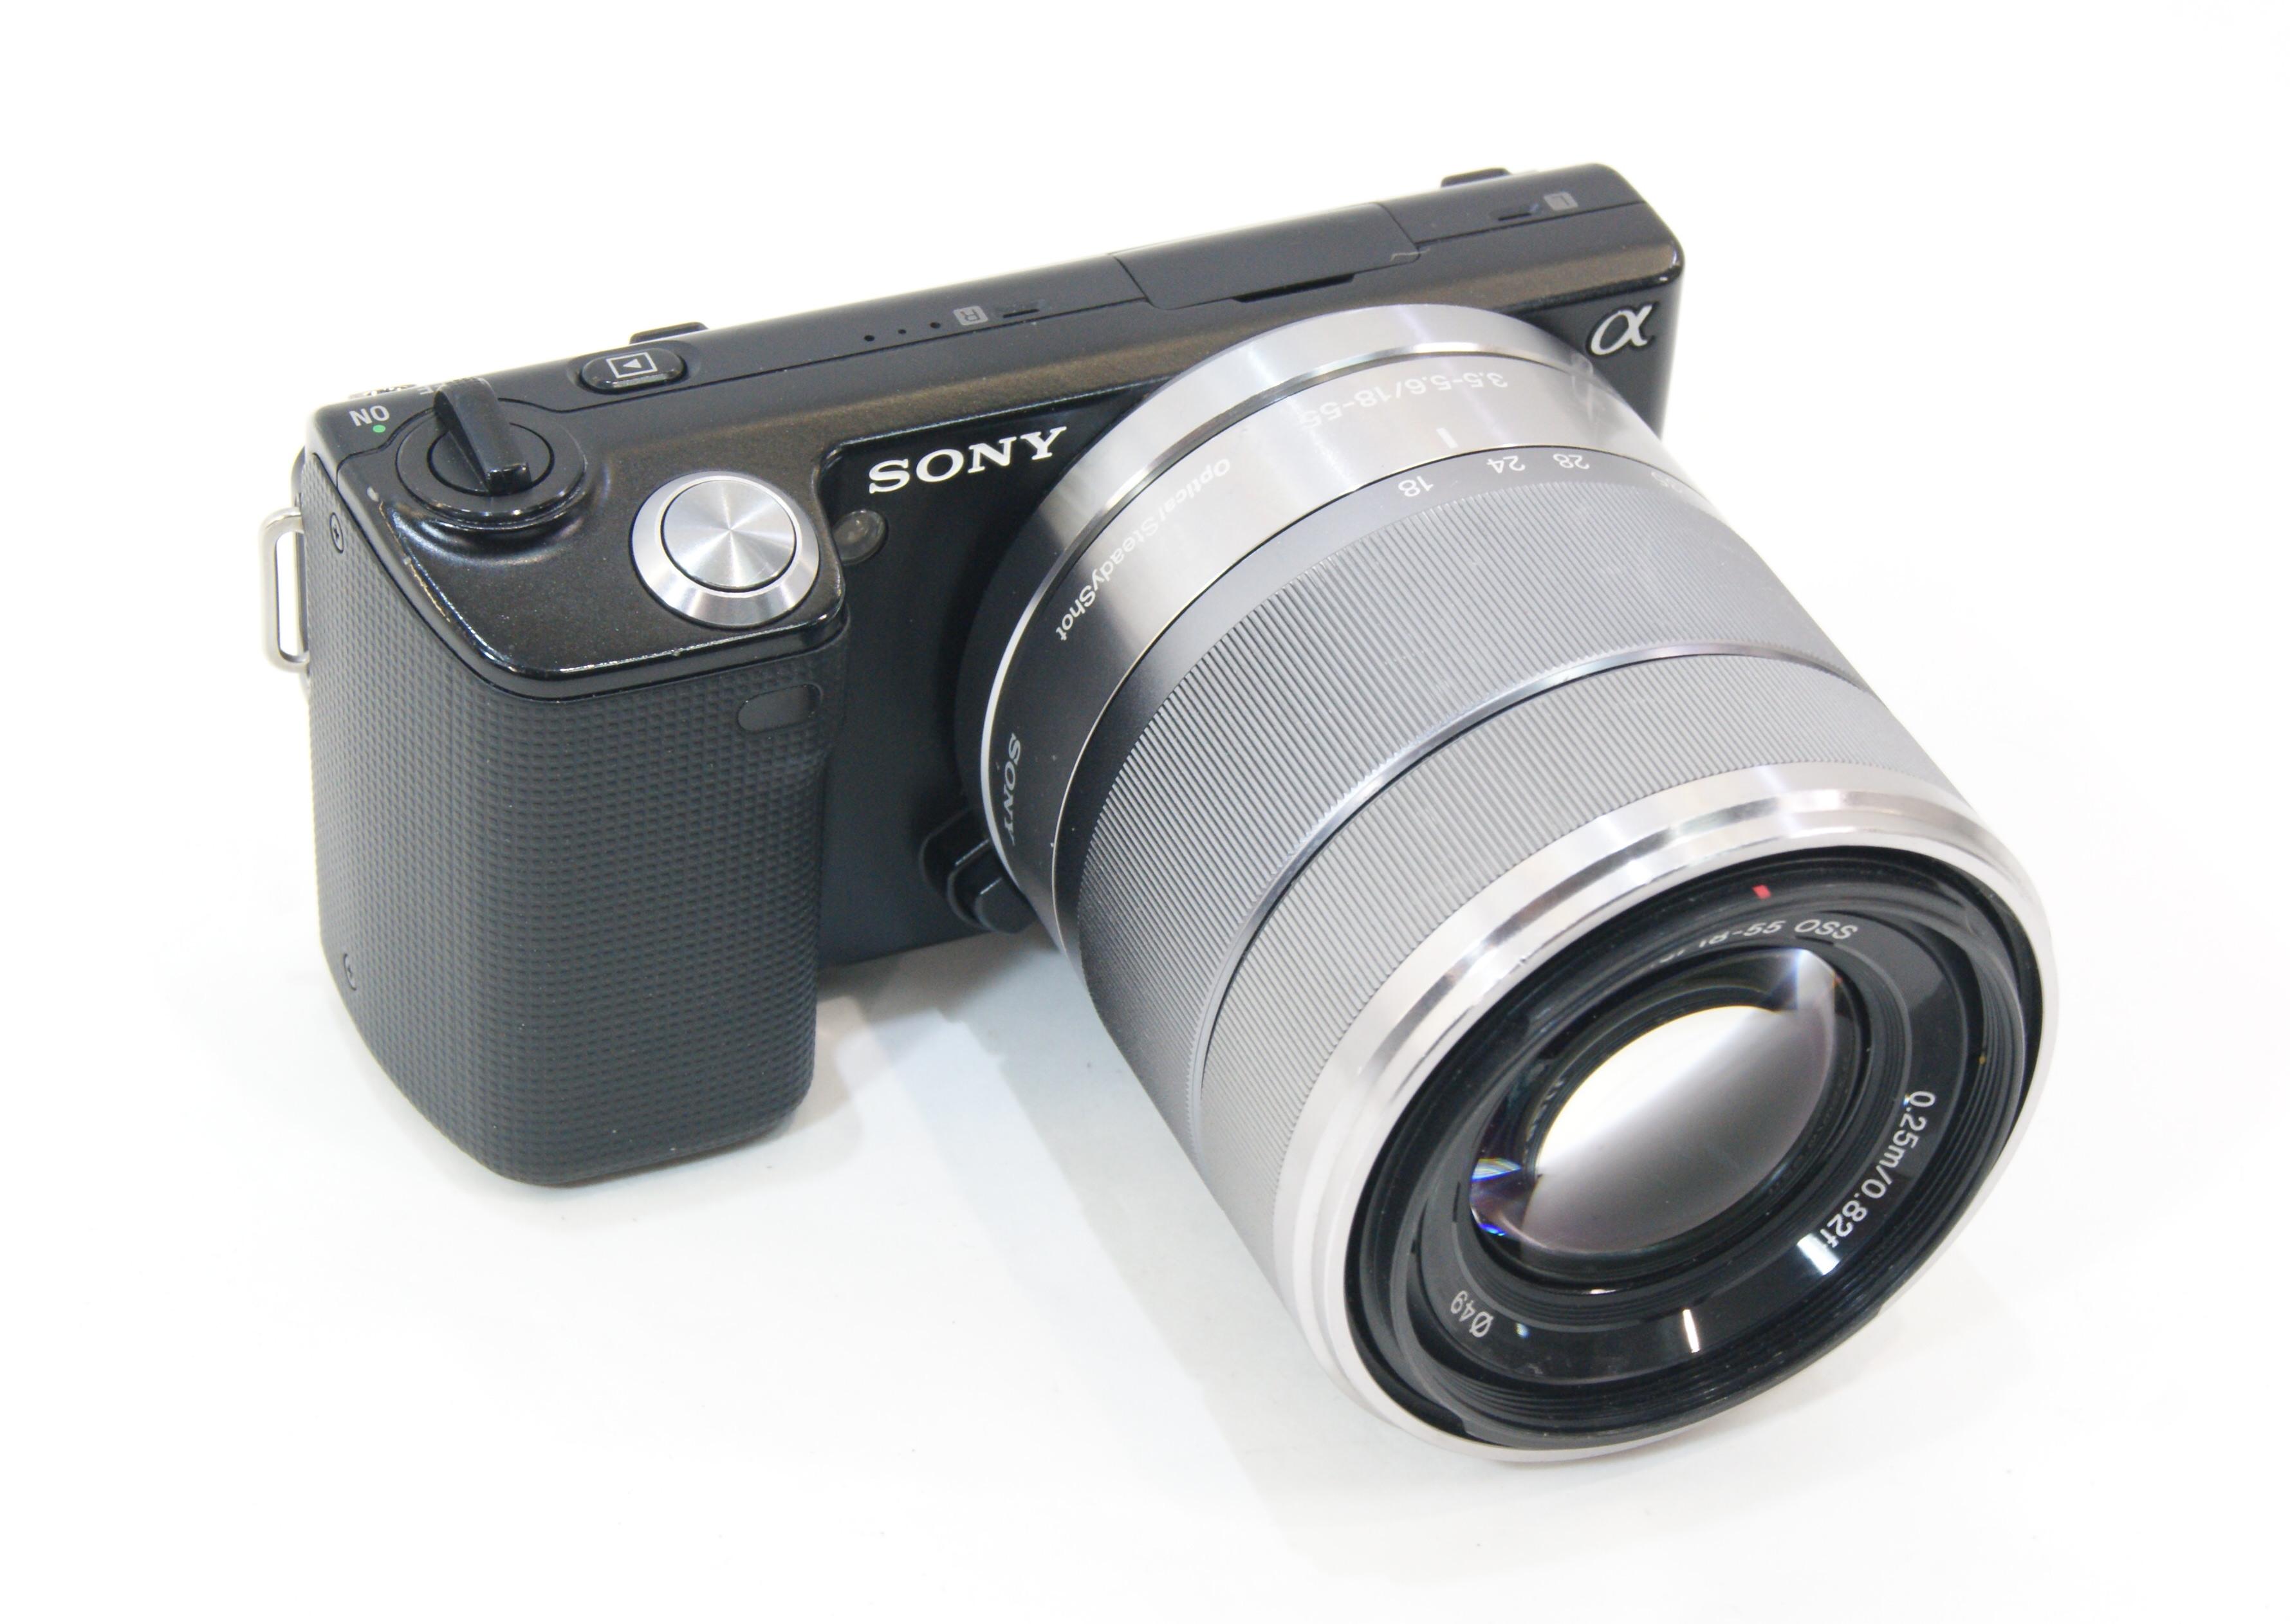 компактные фотоаппараты со светосильным объективом настоящее